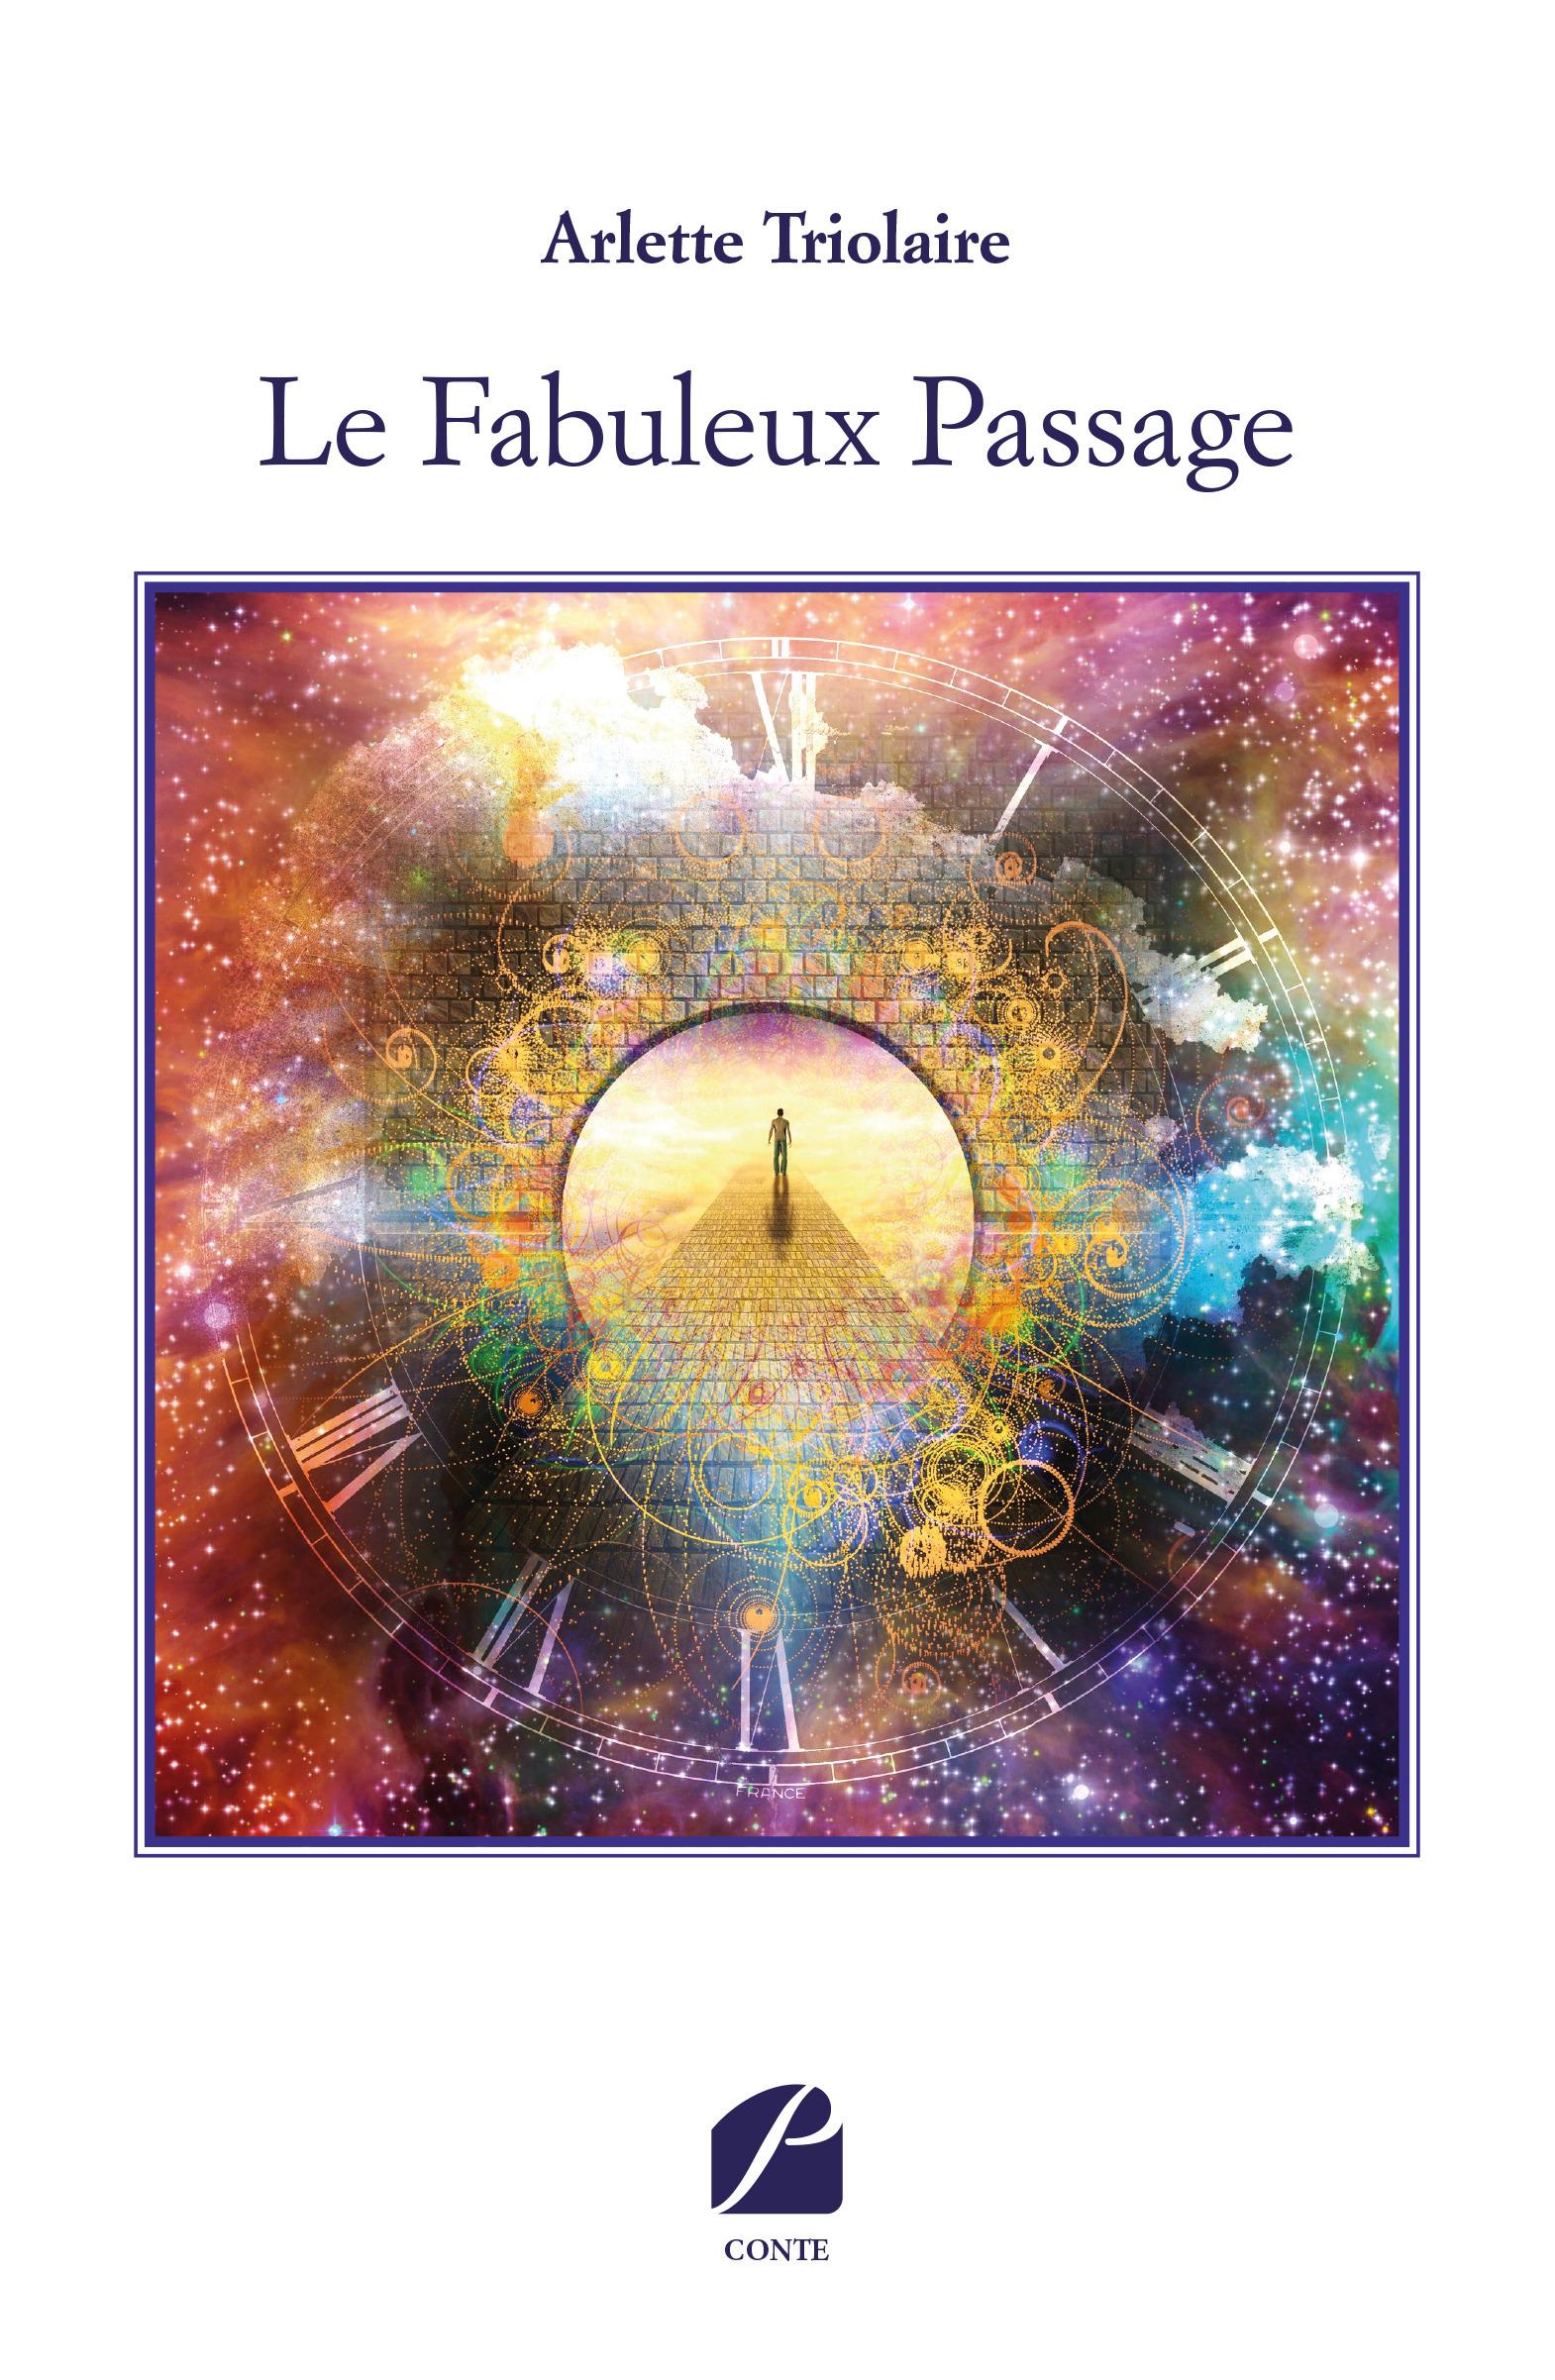 Le Fabuleux Passage